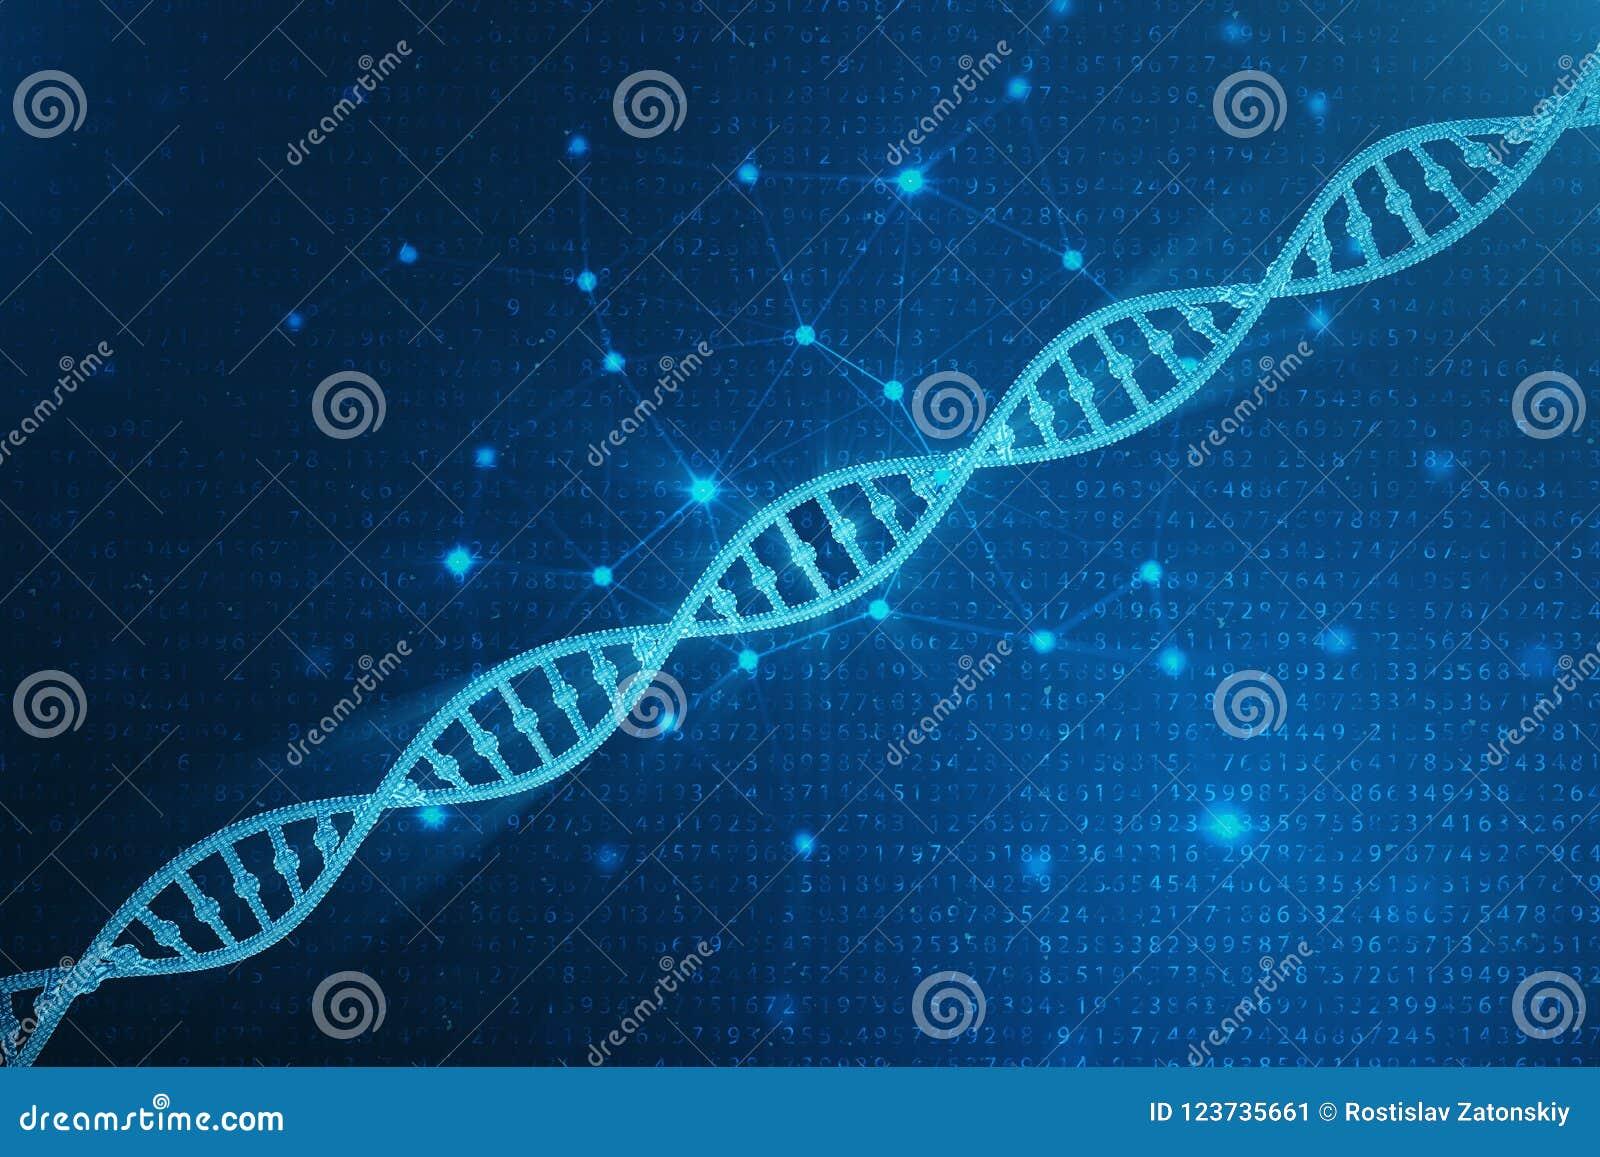 Molécula do ADN de Digitas, estrutura Genoma humano de código binário do conceito Molécula do ADN com genes alterados ilustração